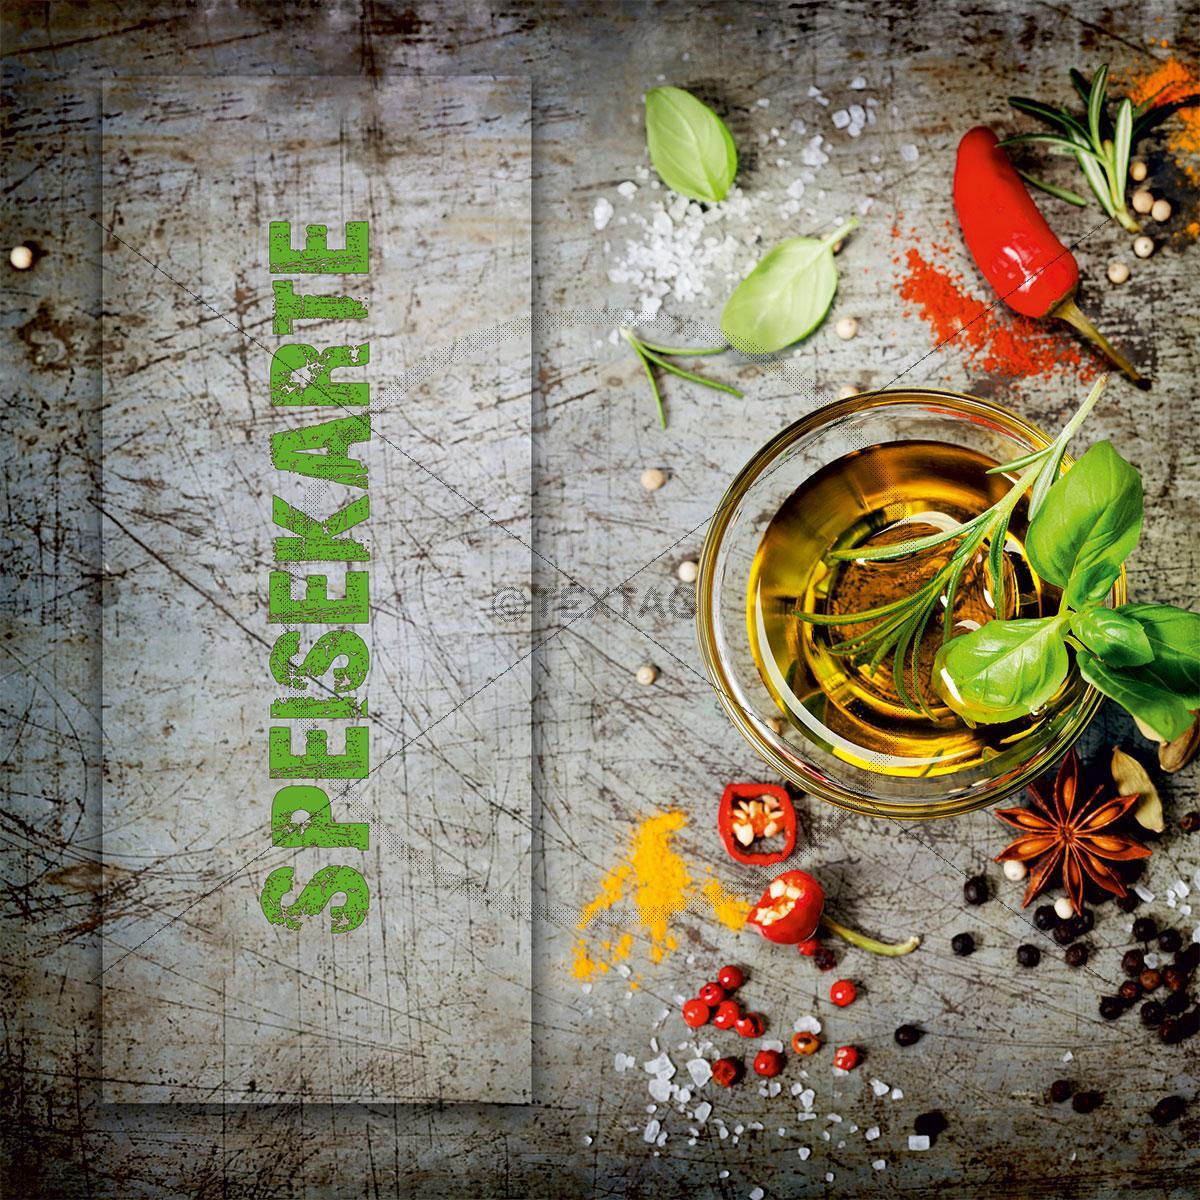 Deckblatt: Deckblatt: Speisekarte Vorlage, Sofort downloaden und drucken